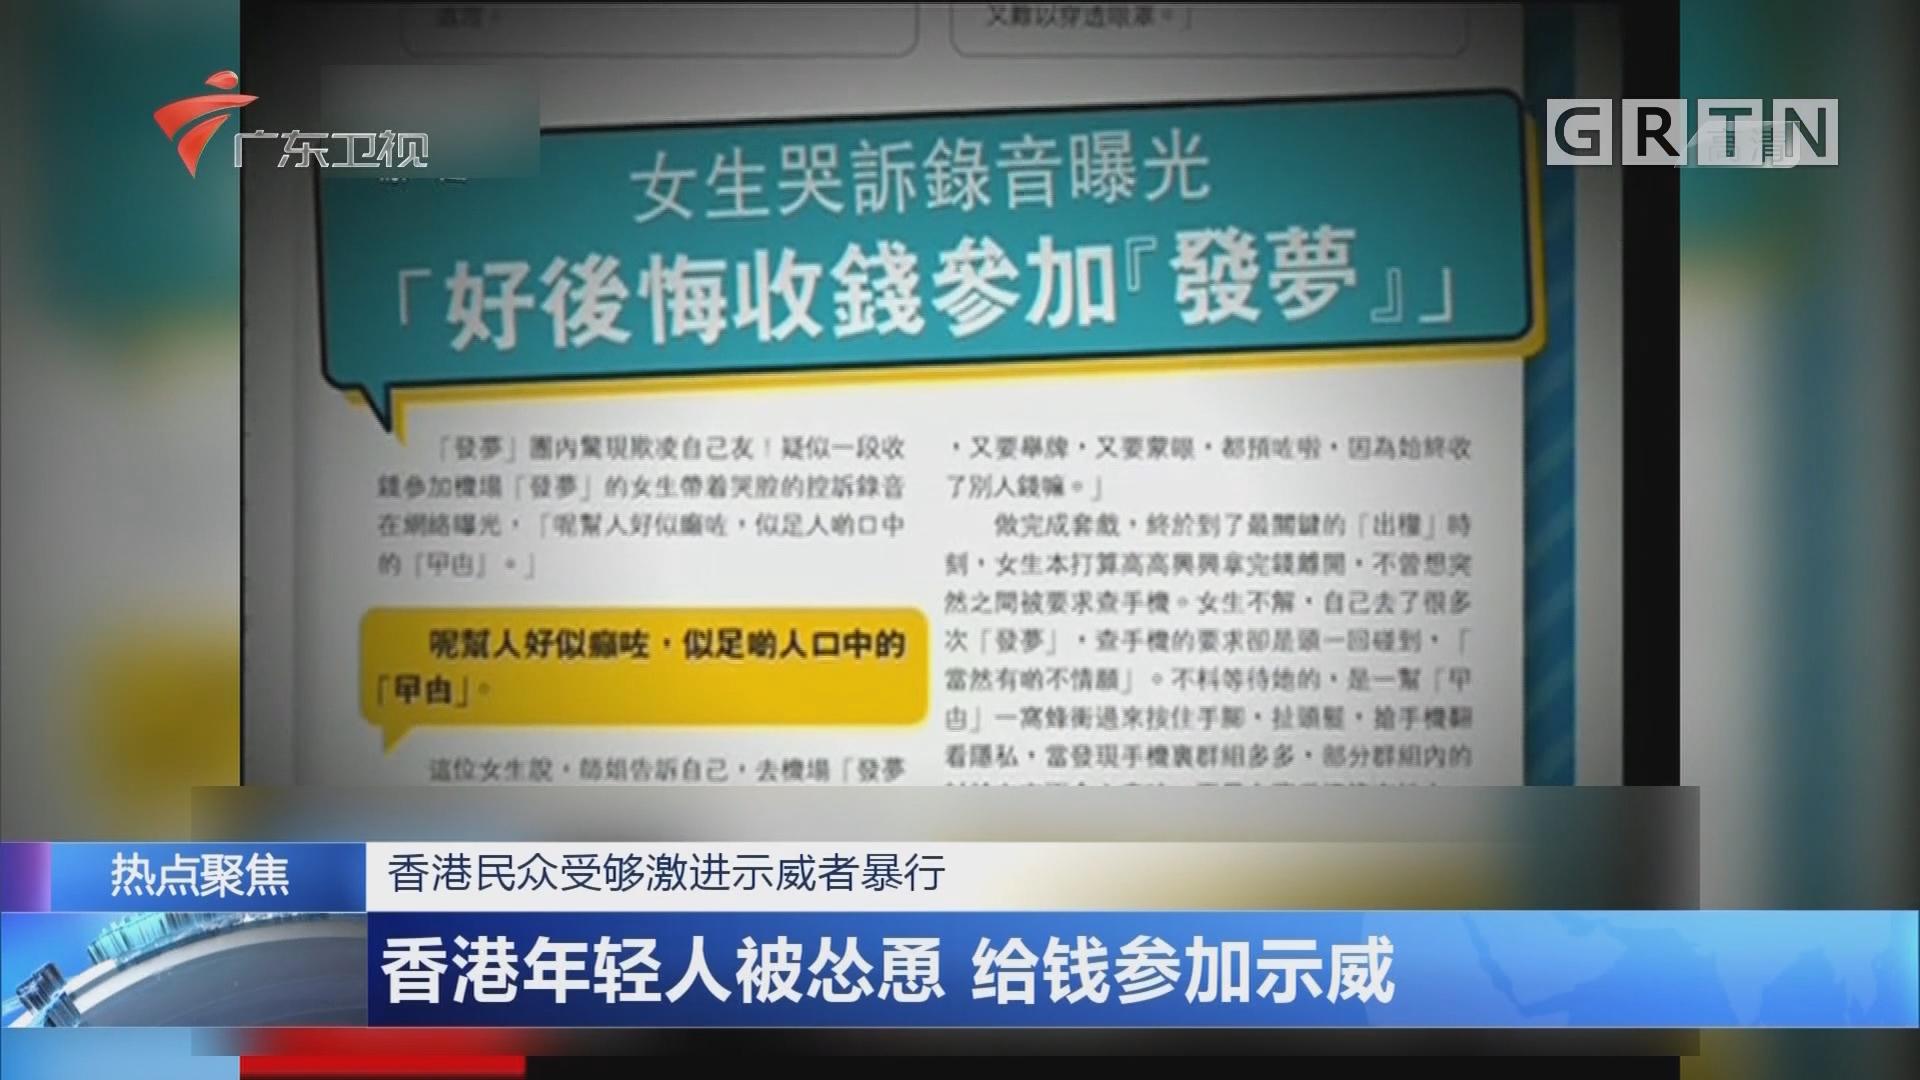 香港民众受够激进示威者暴行:香港年轻人被怂恿 给钱参加示威